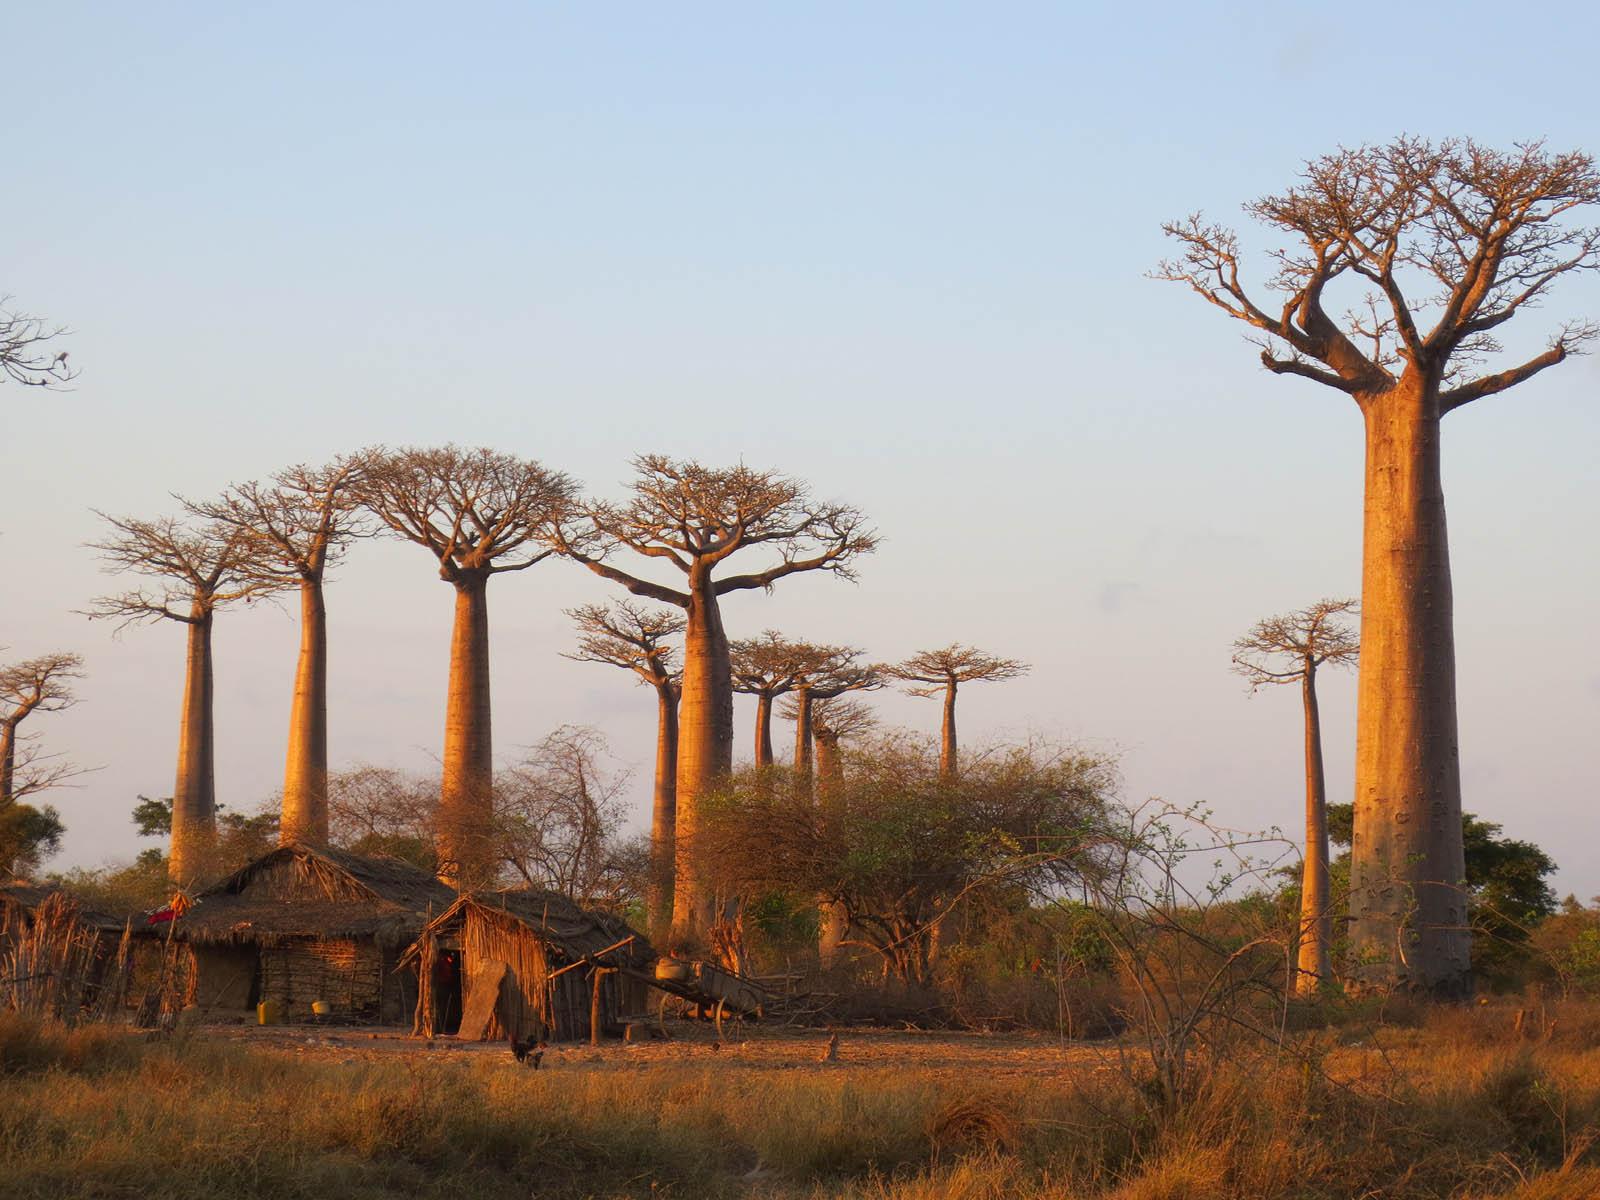 Palisanderbaum im regenwald  Sehenswürdigkeiten   Länder   Madagaskar   Goruma